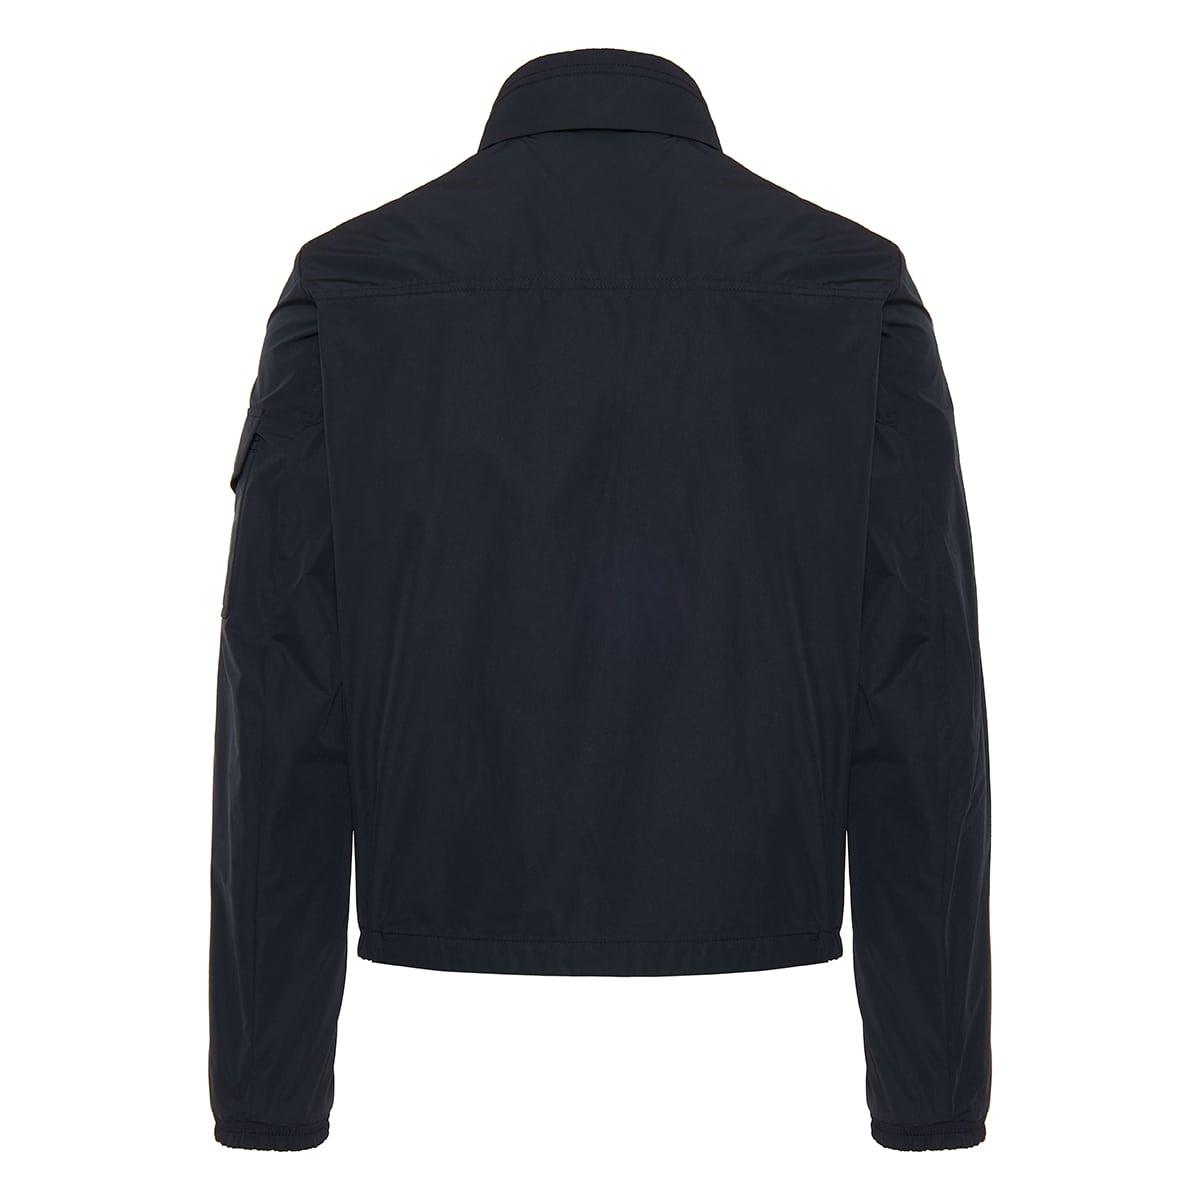 Nylon jacket